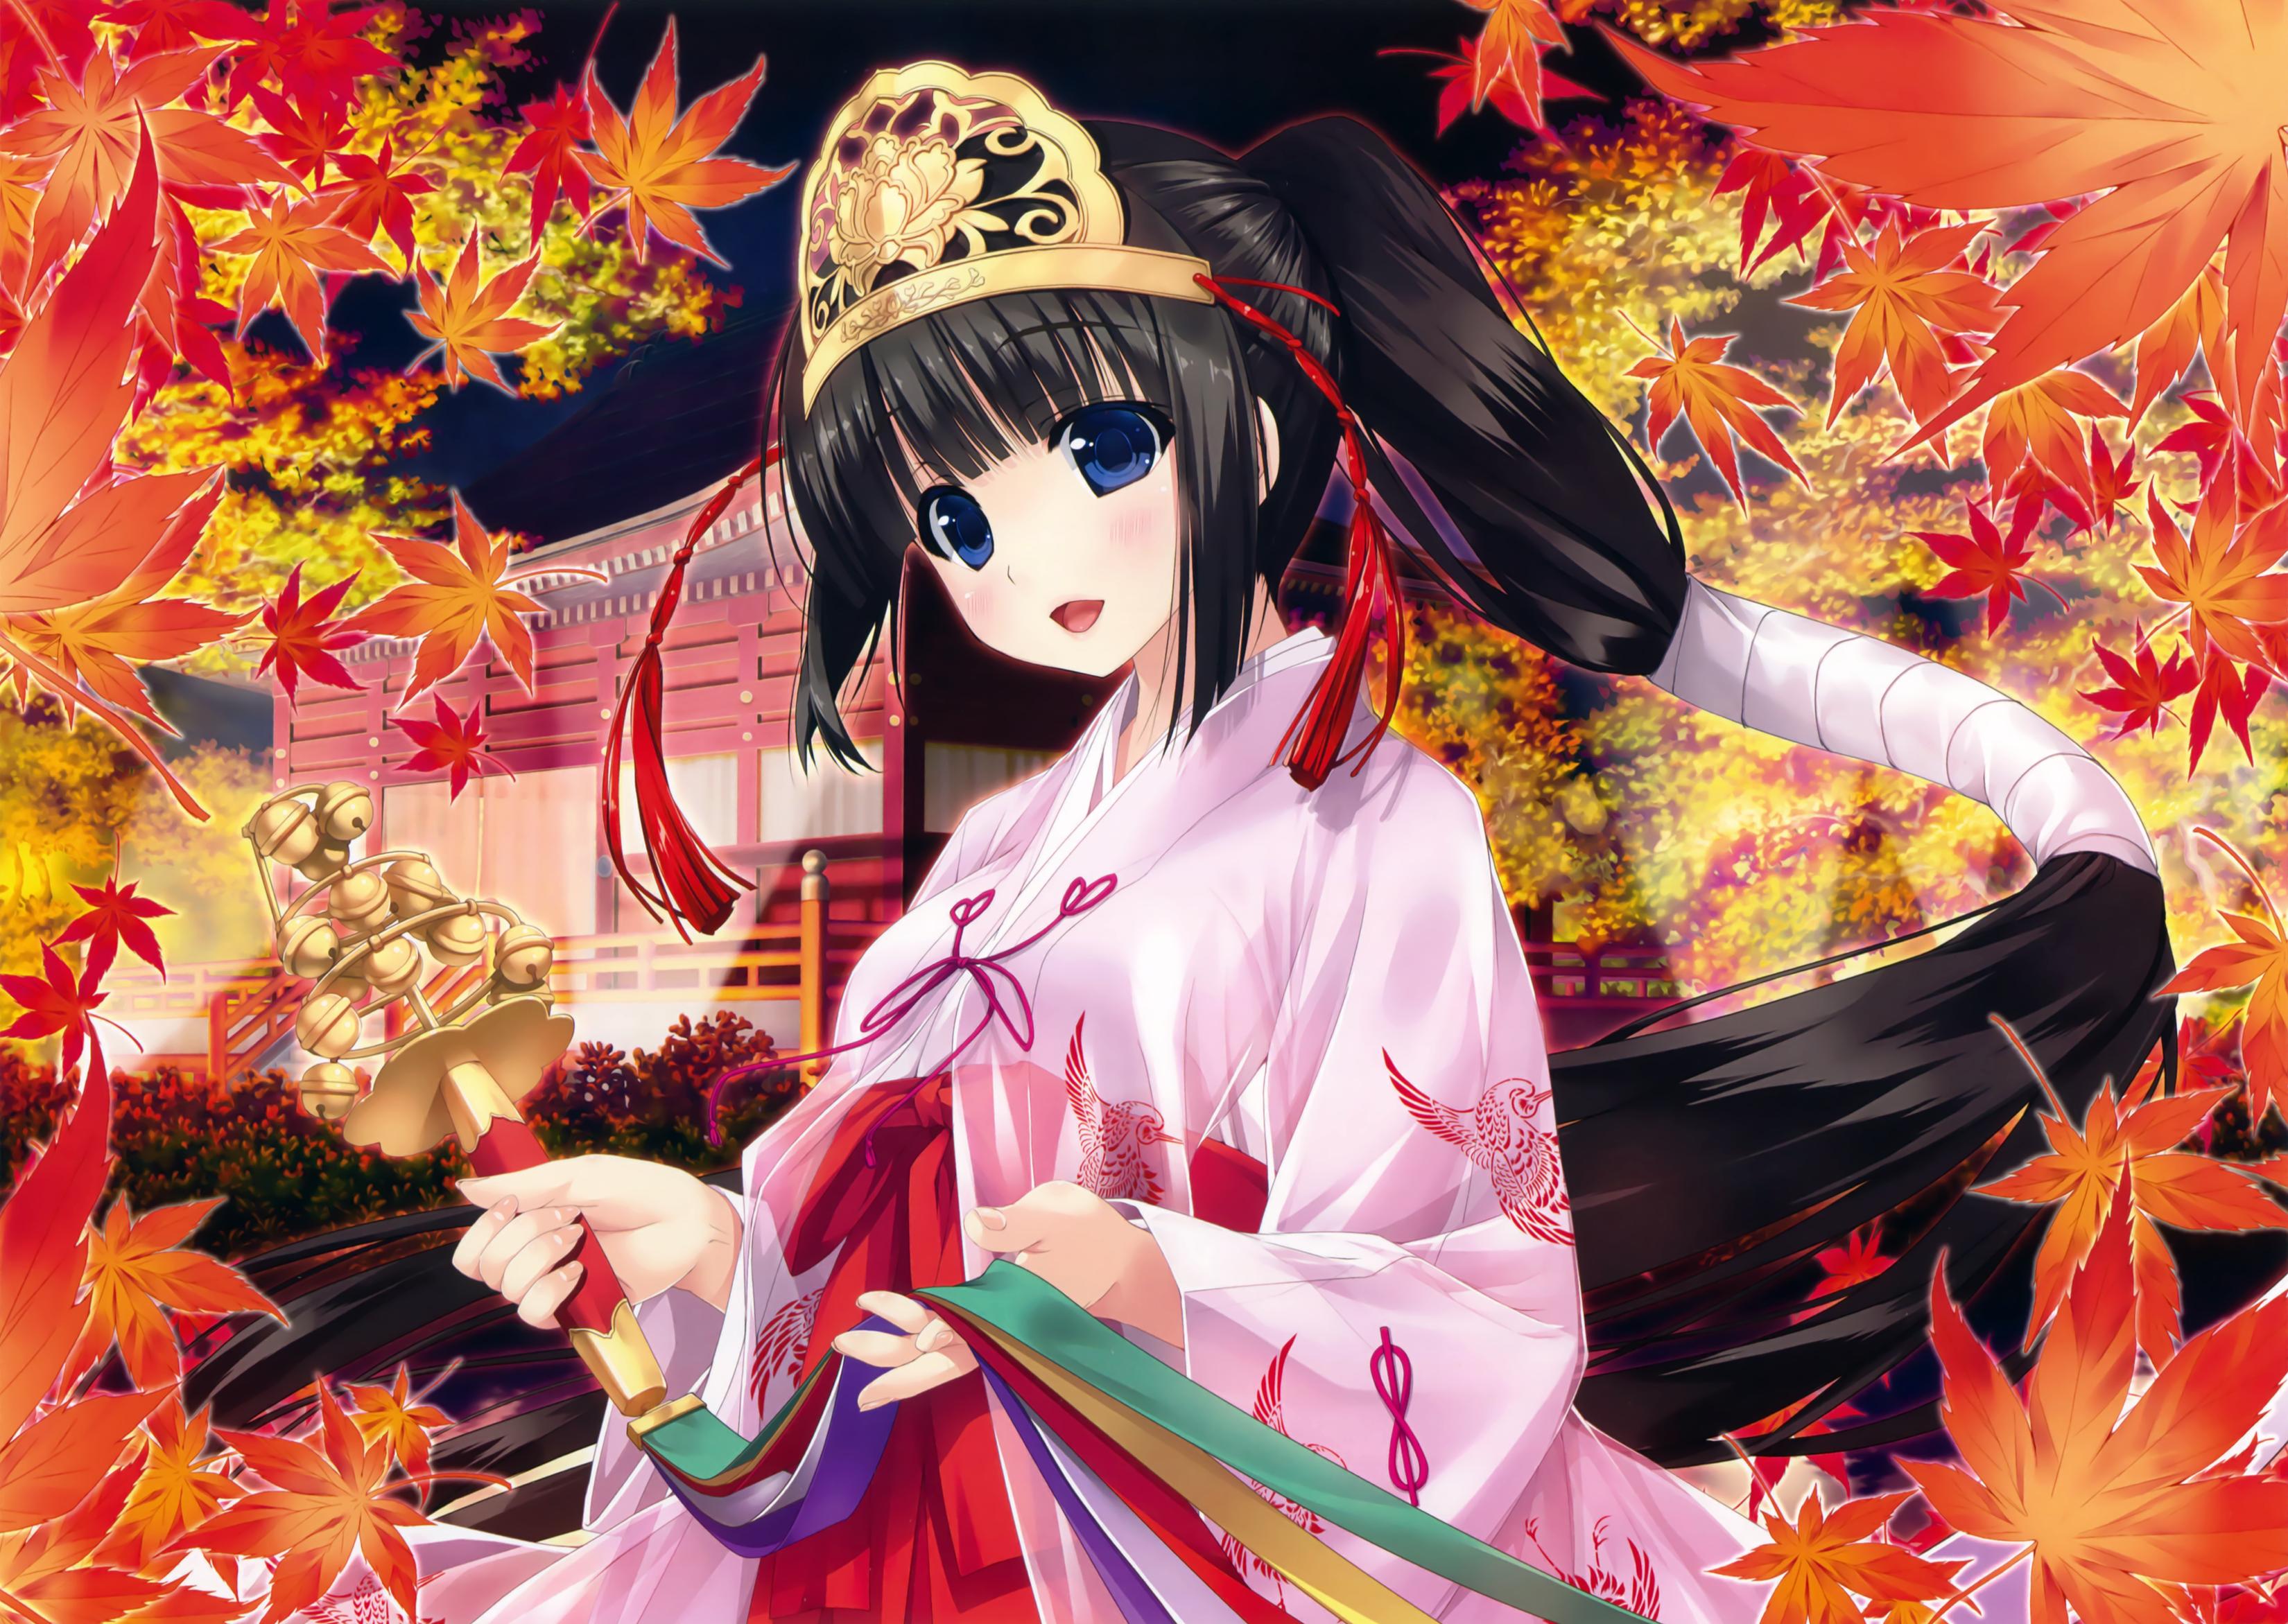 Nin Wallpapers 74 Images: Autumn Bell Black Hair Blue Eyes Blush Headdress Japanese